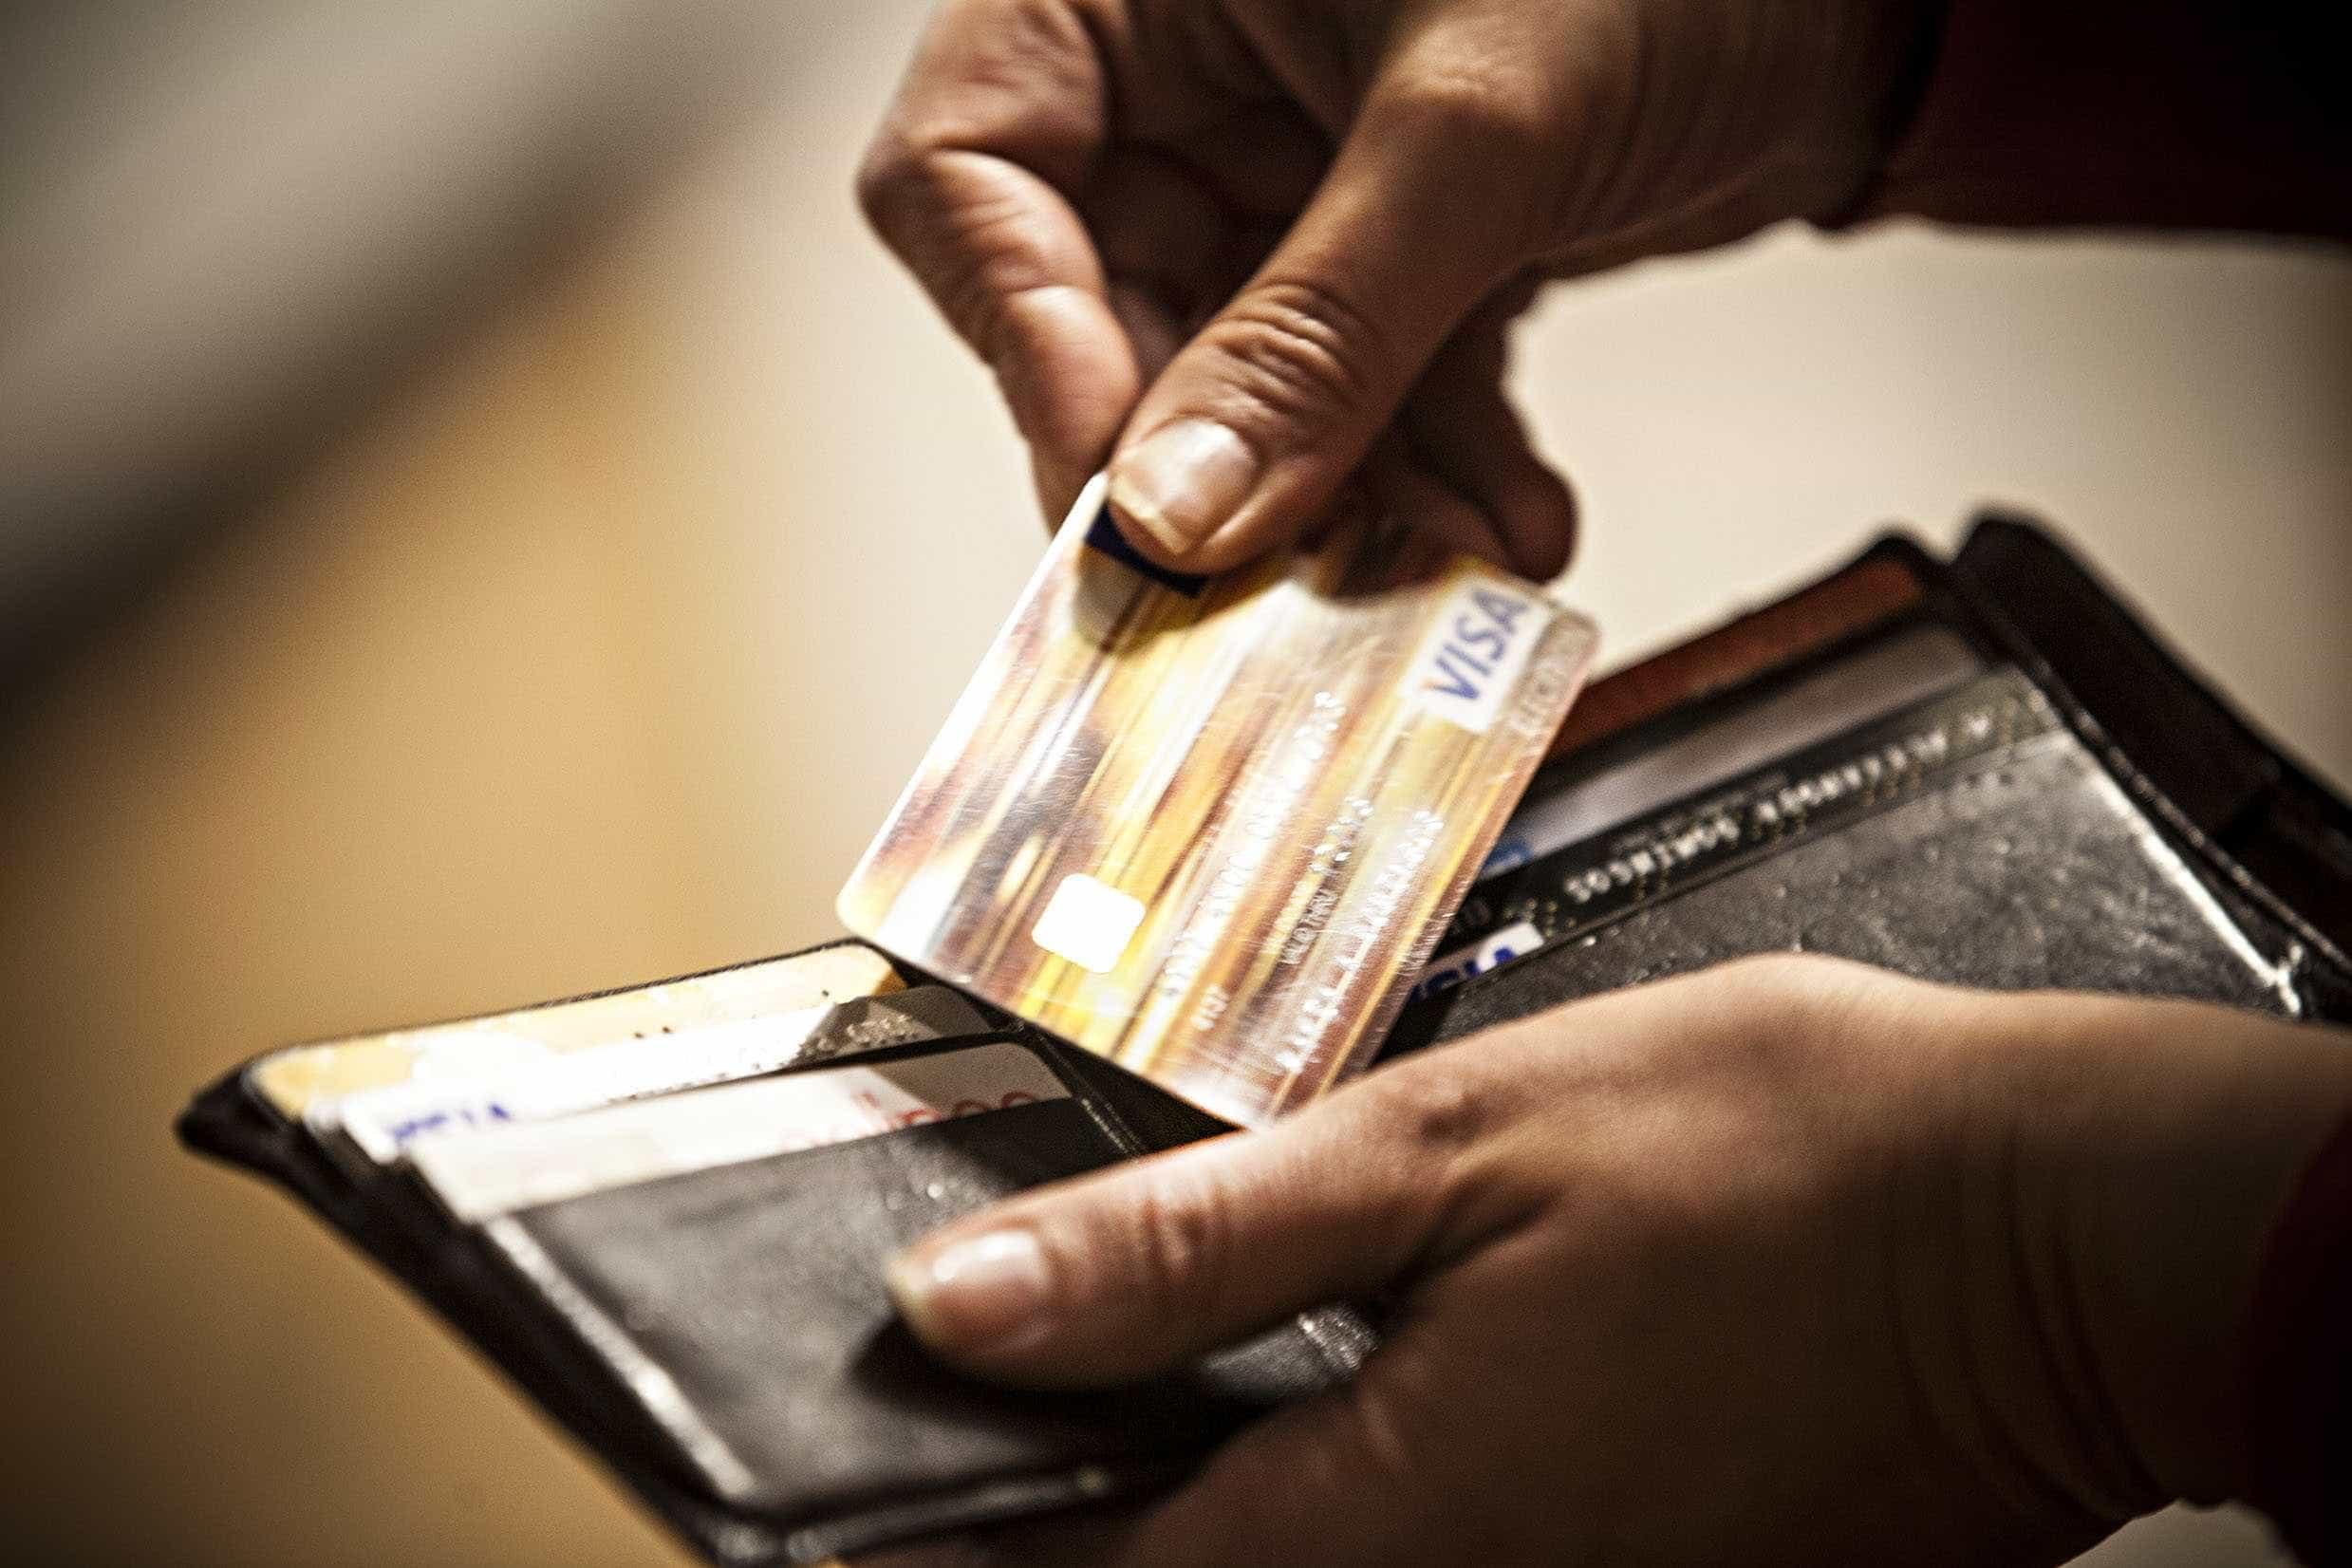 Fraudes em cartão de crédito nas transações de celular crescem no país